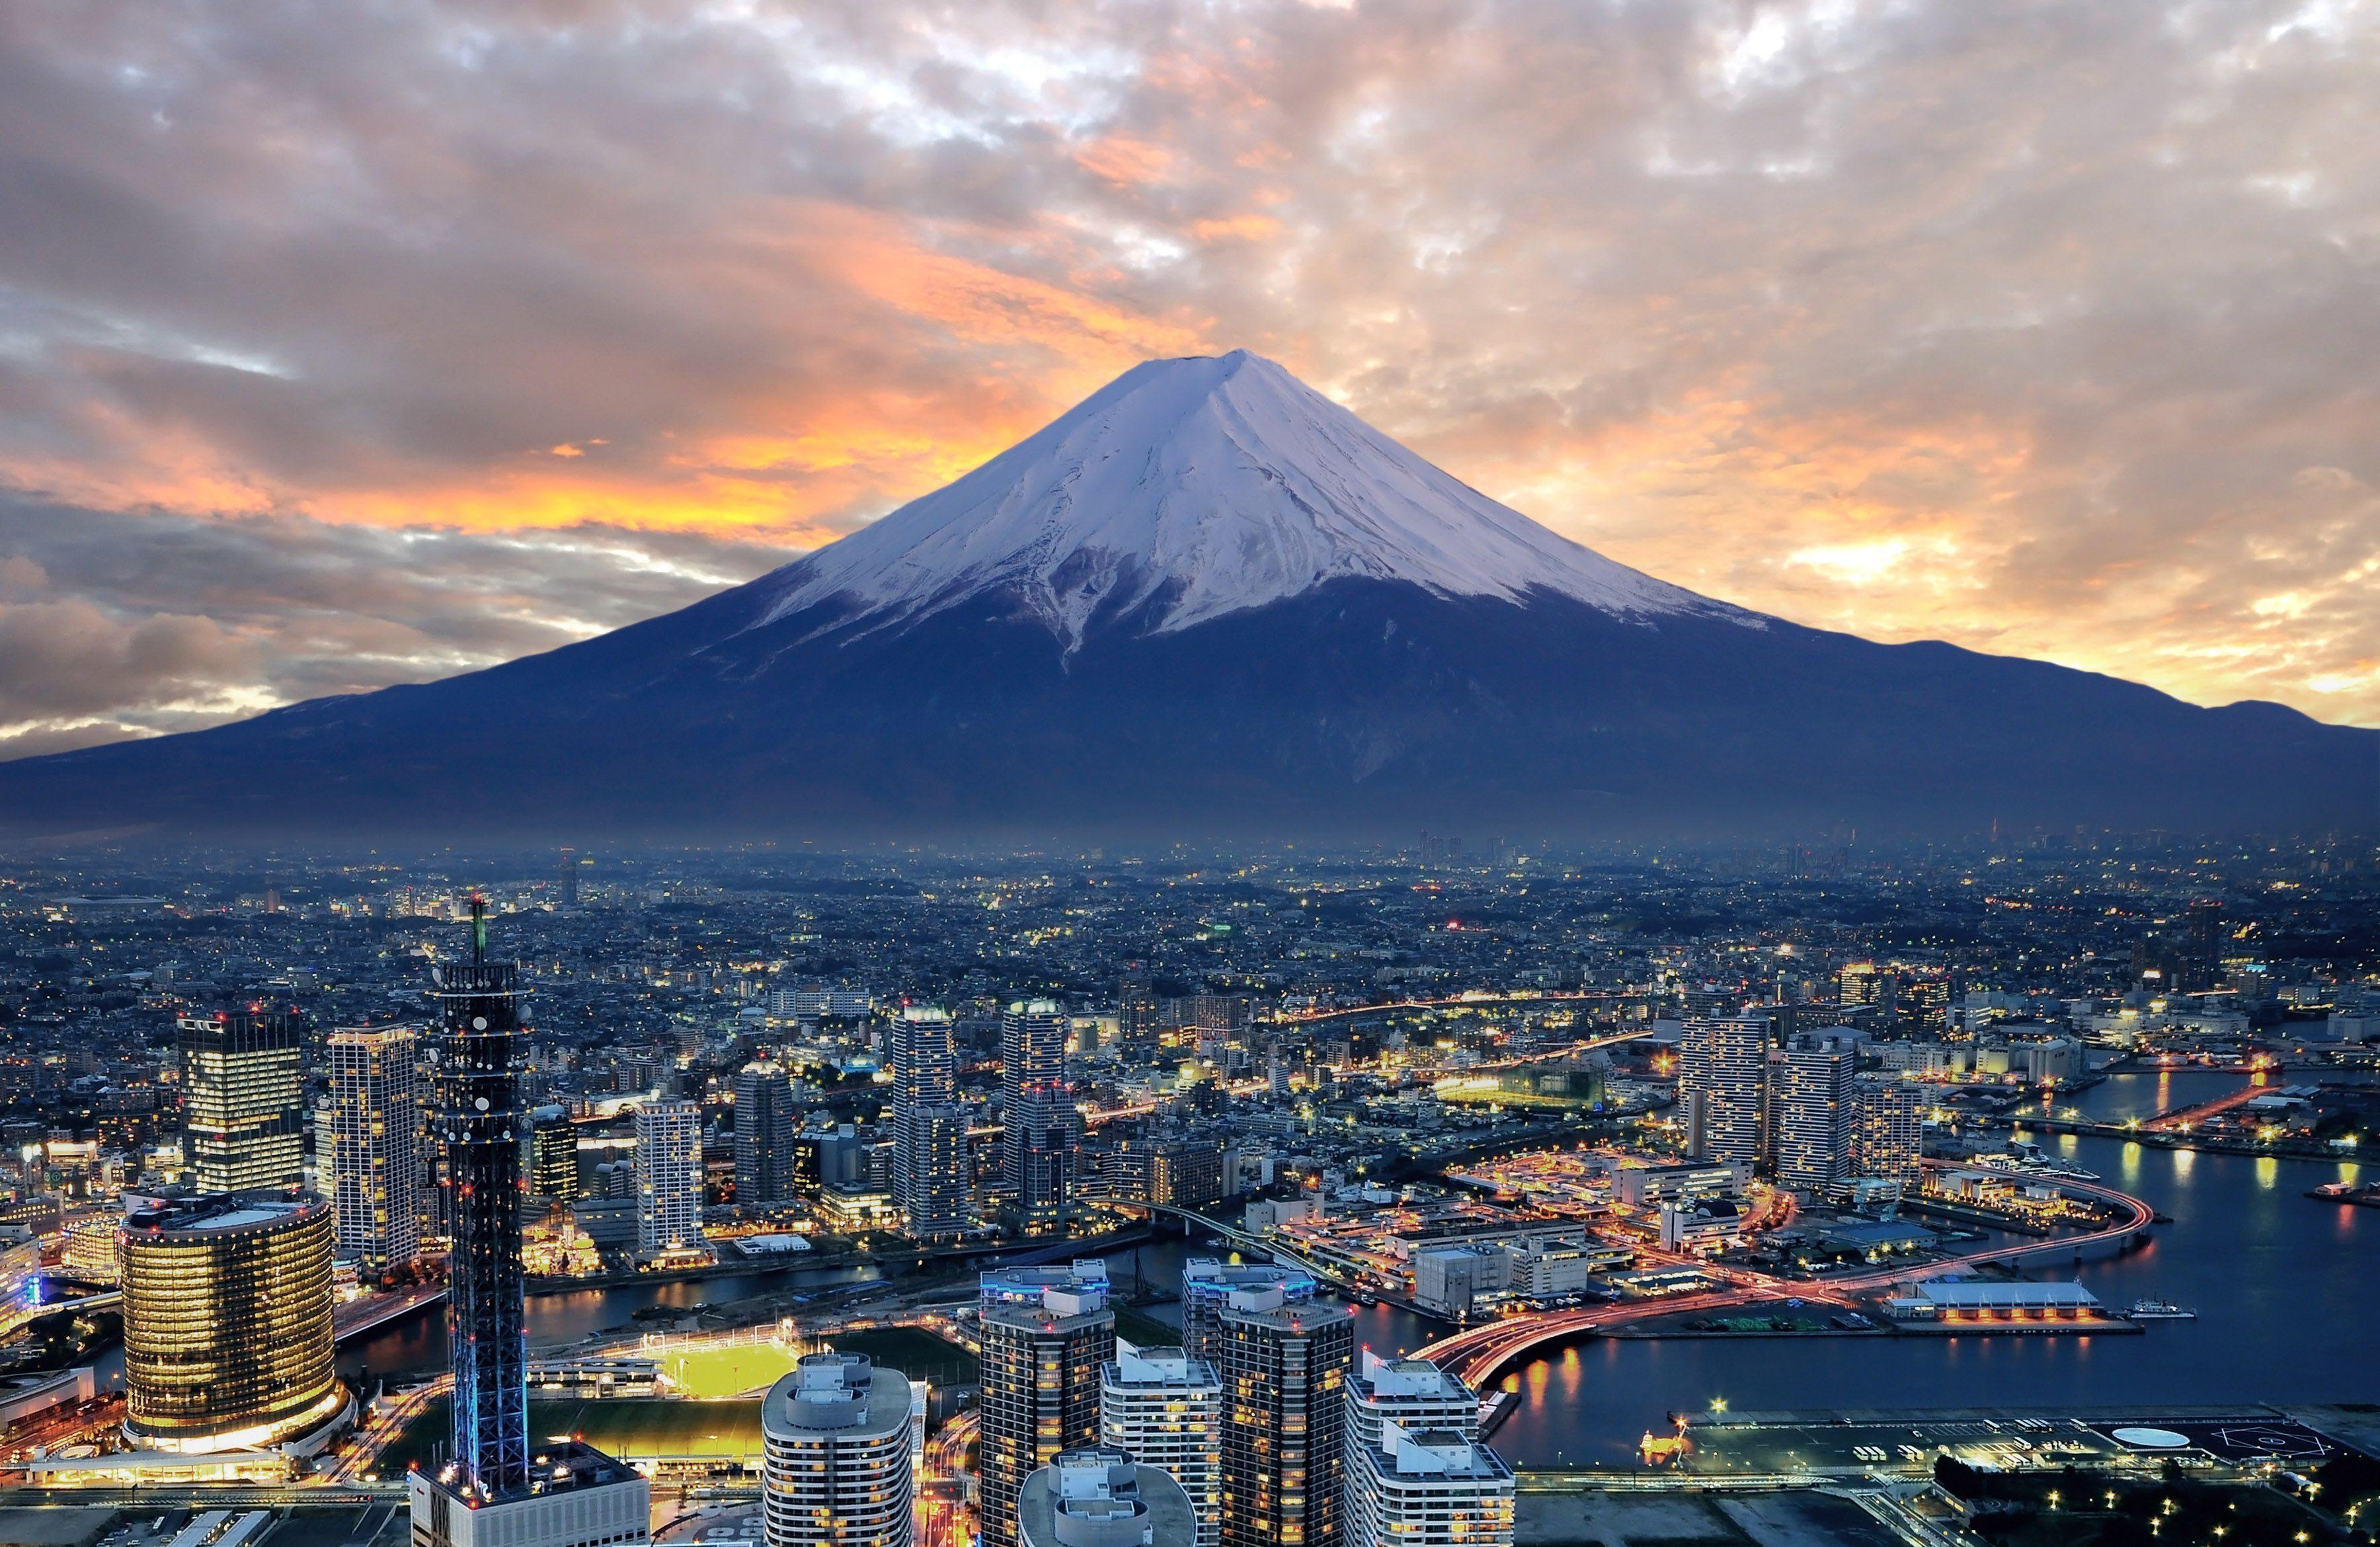 3600x2340 Japan Hd Wallpapers 82 Fuji Mountain Tokyo Japan Mount Fuji